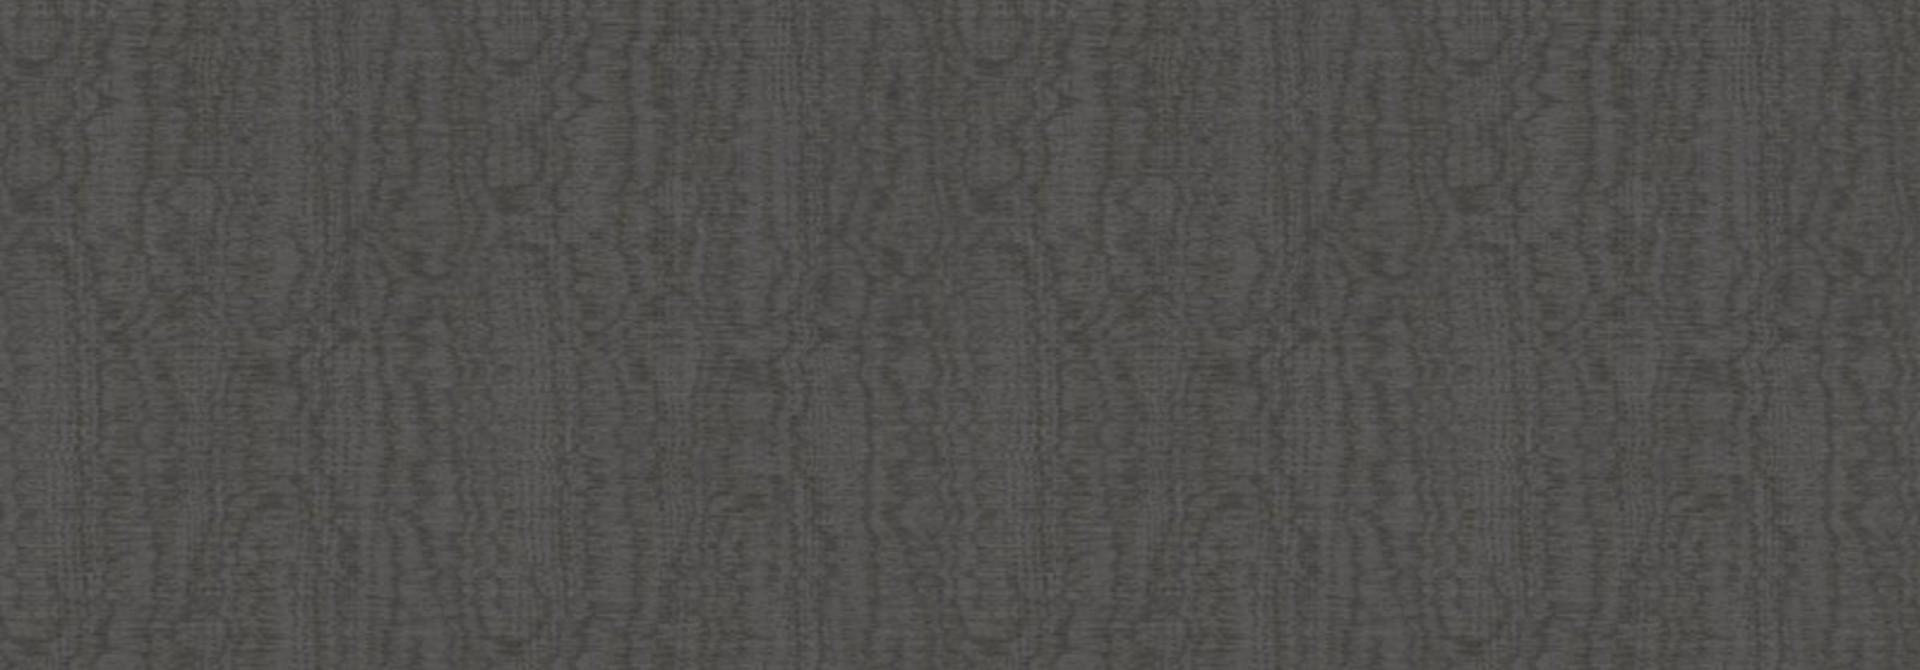 Behang 5017